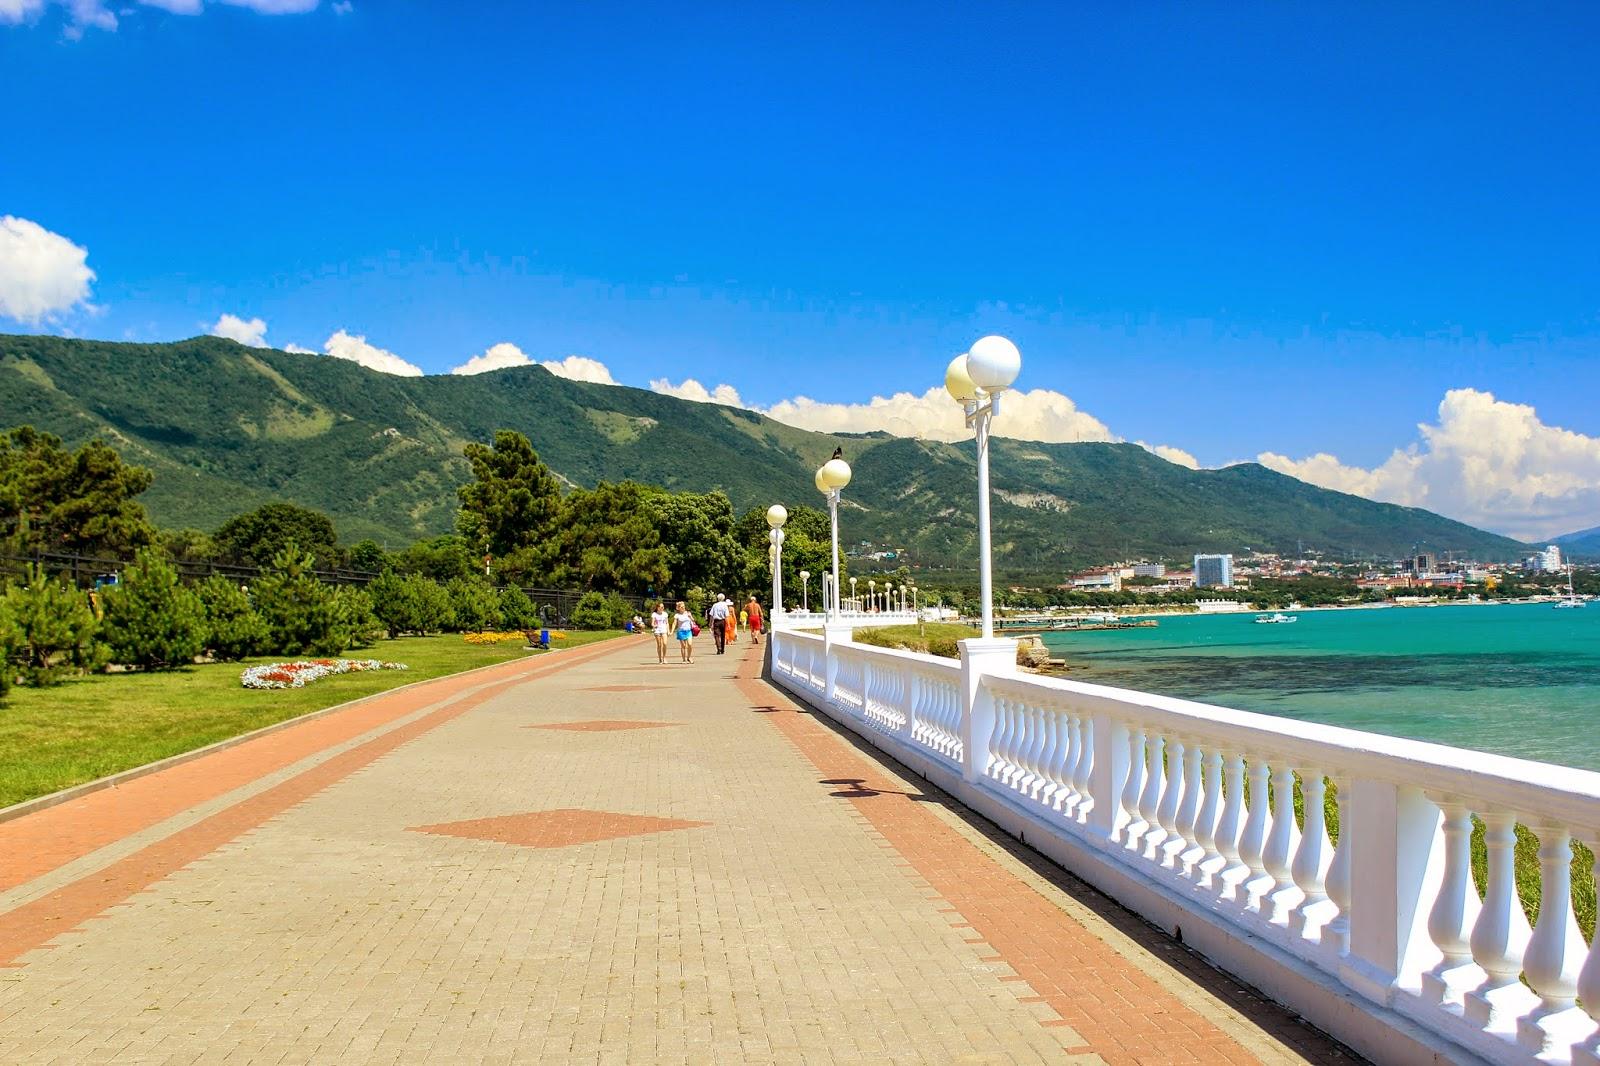 геленджик достопримечательности пляжи фото